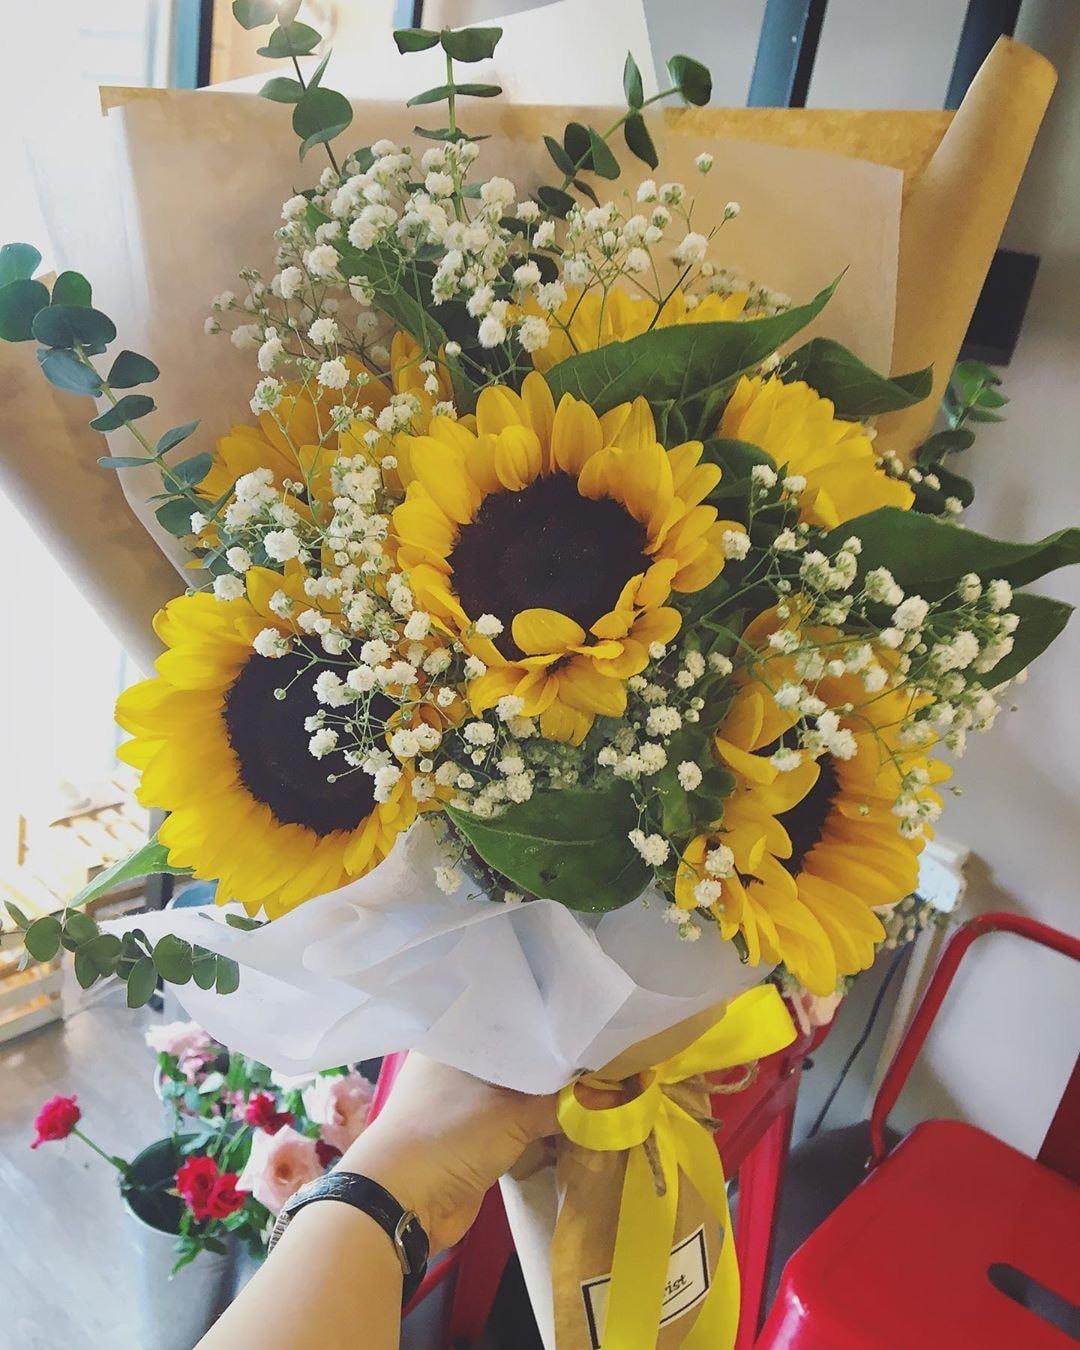 Hoa hướng dương tặng ngày nhà giáo việt nam